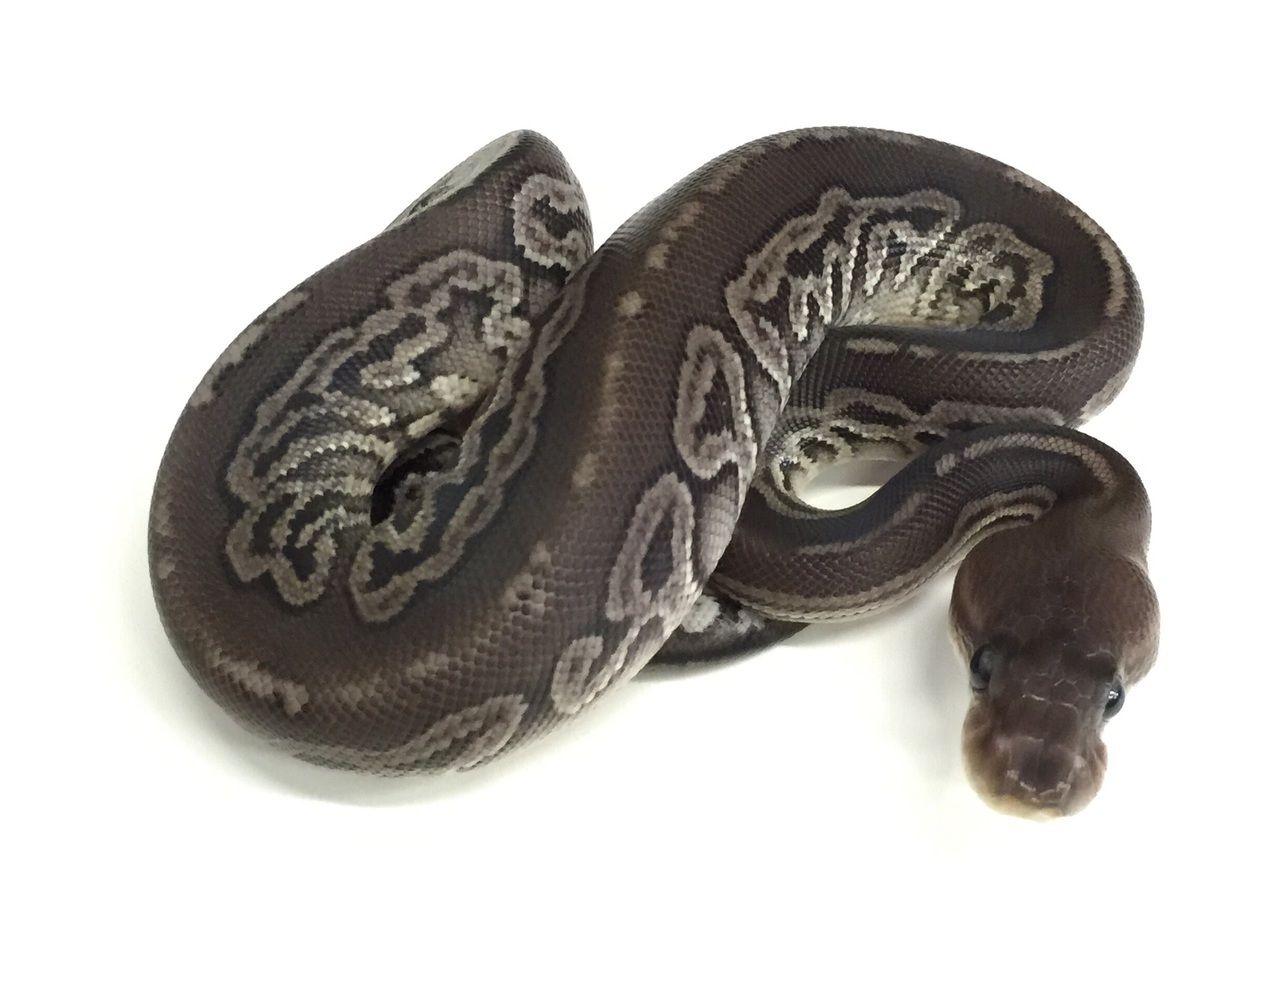 Gargoyle Ball Python for sale (Python regius)